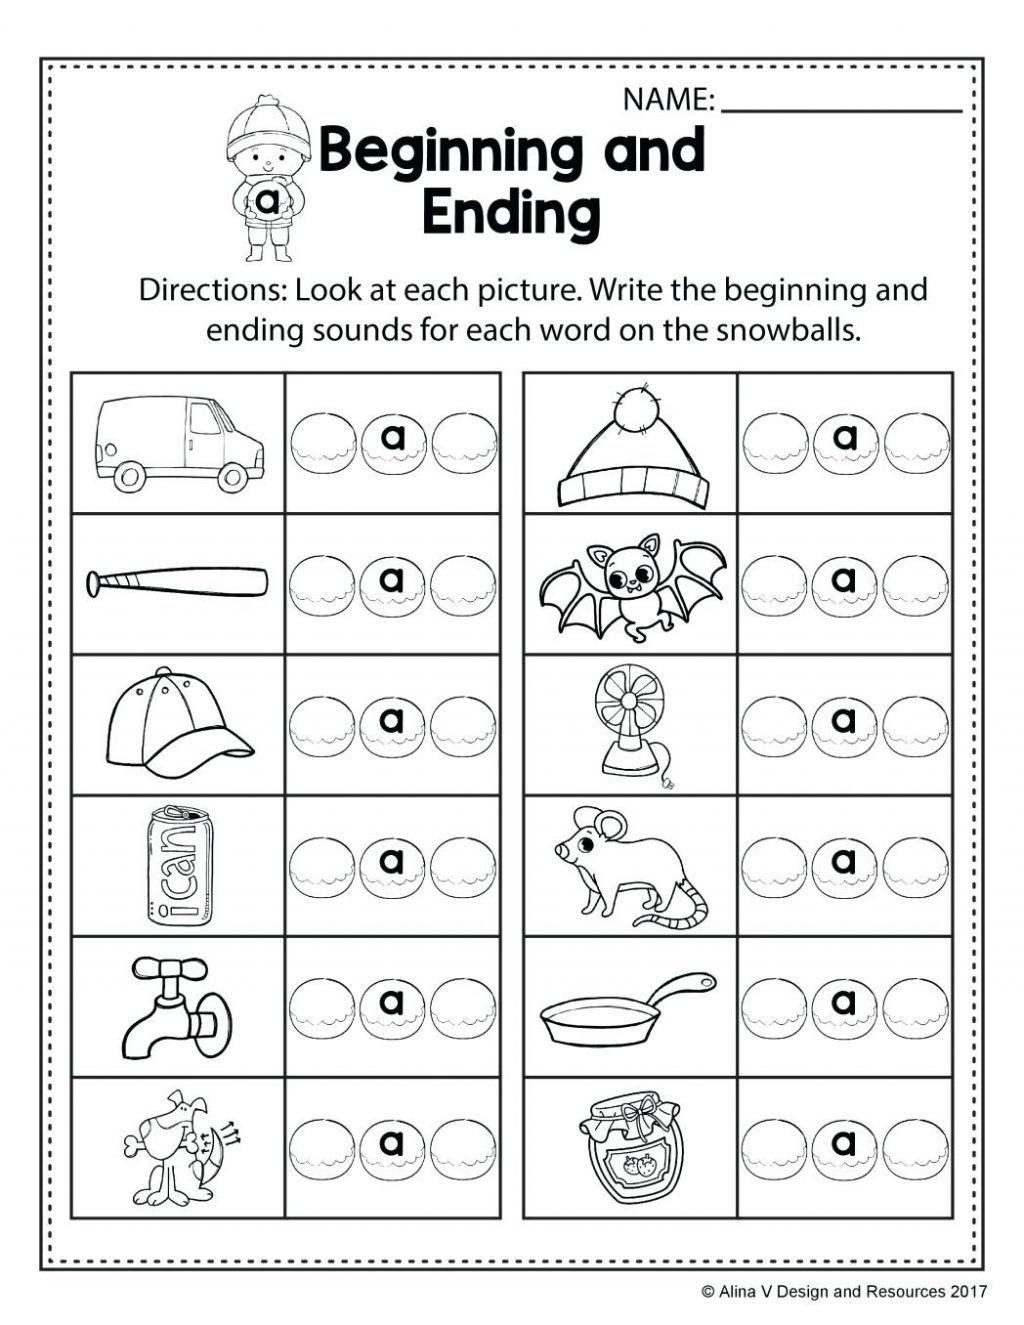 Worksheet Ideas Marvelous Pre Handwriting Worksheets Cvc